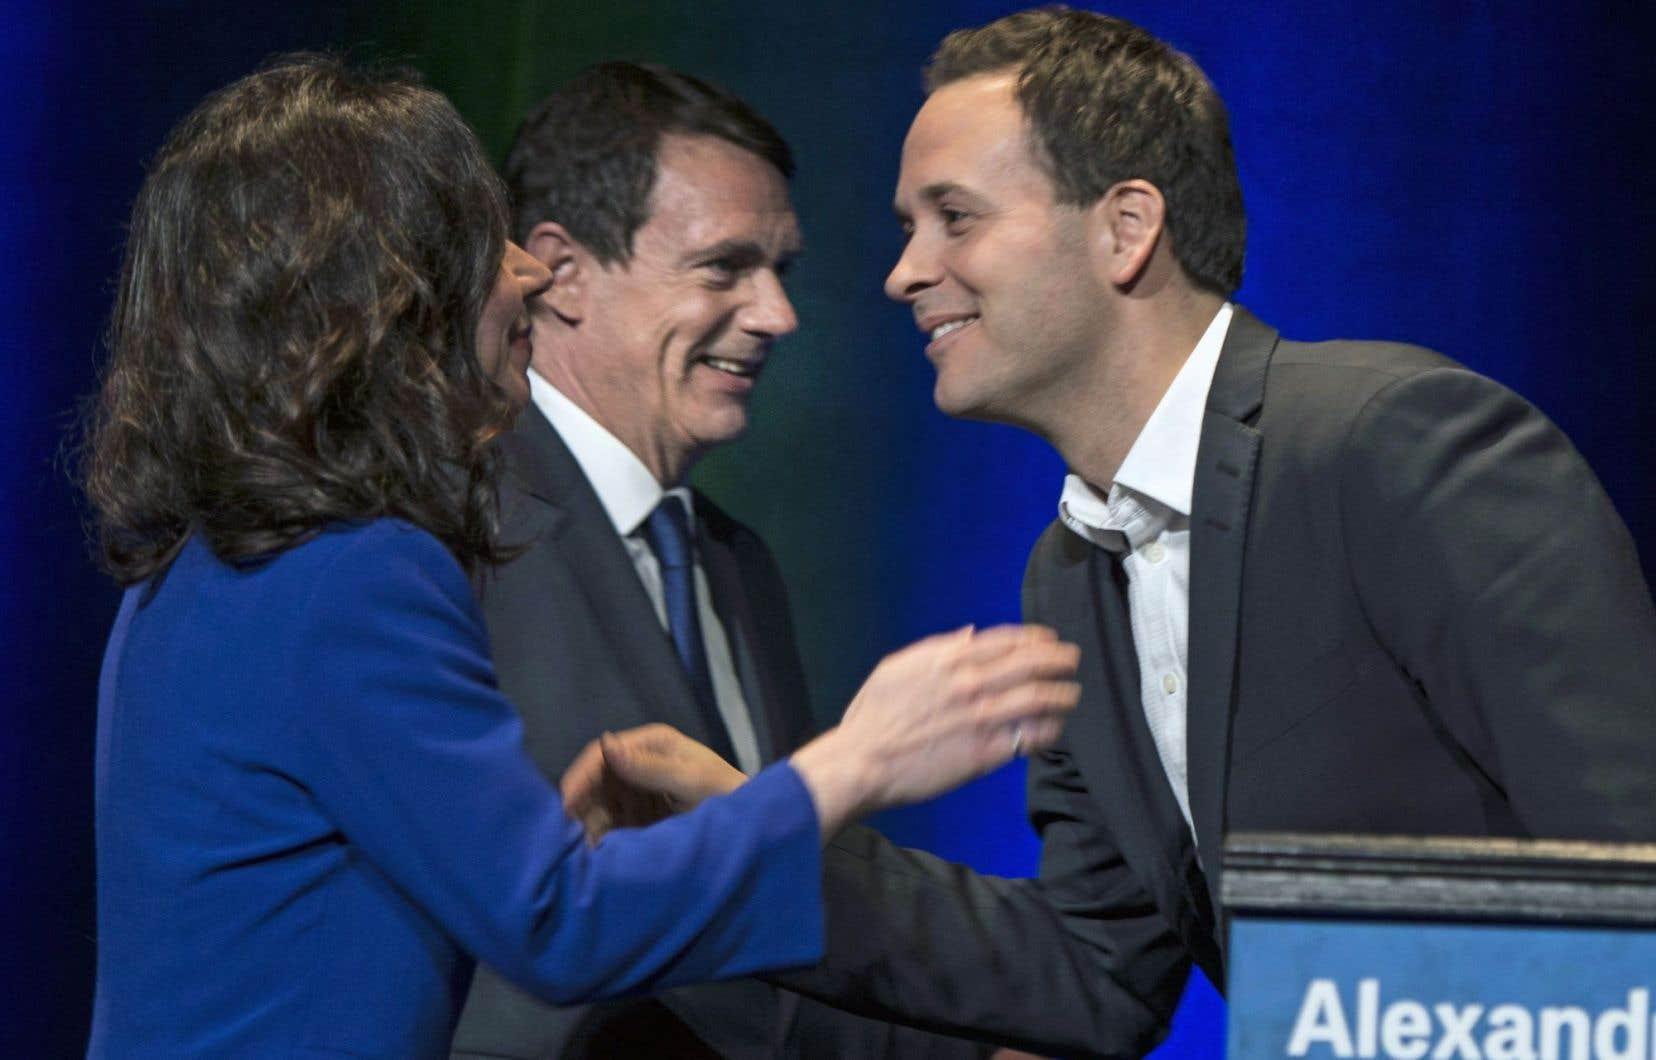 Trois des candidats à la chefferie du PQ, Martine Ouellet, Pierre Karl Péladeau et Alexandre Cloutier